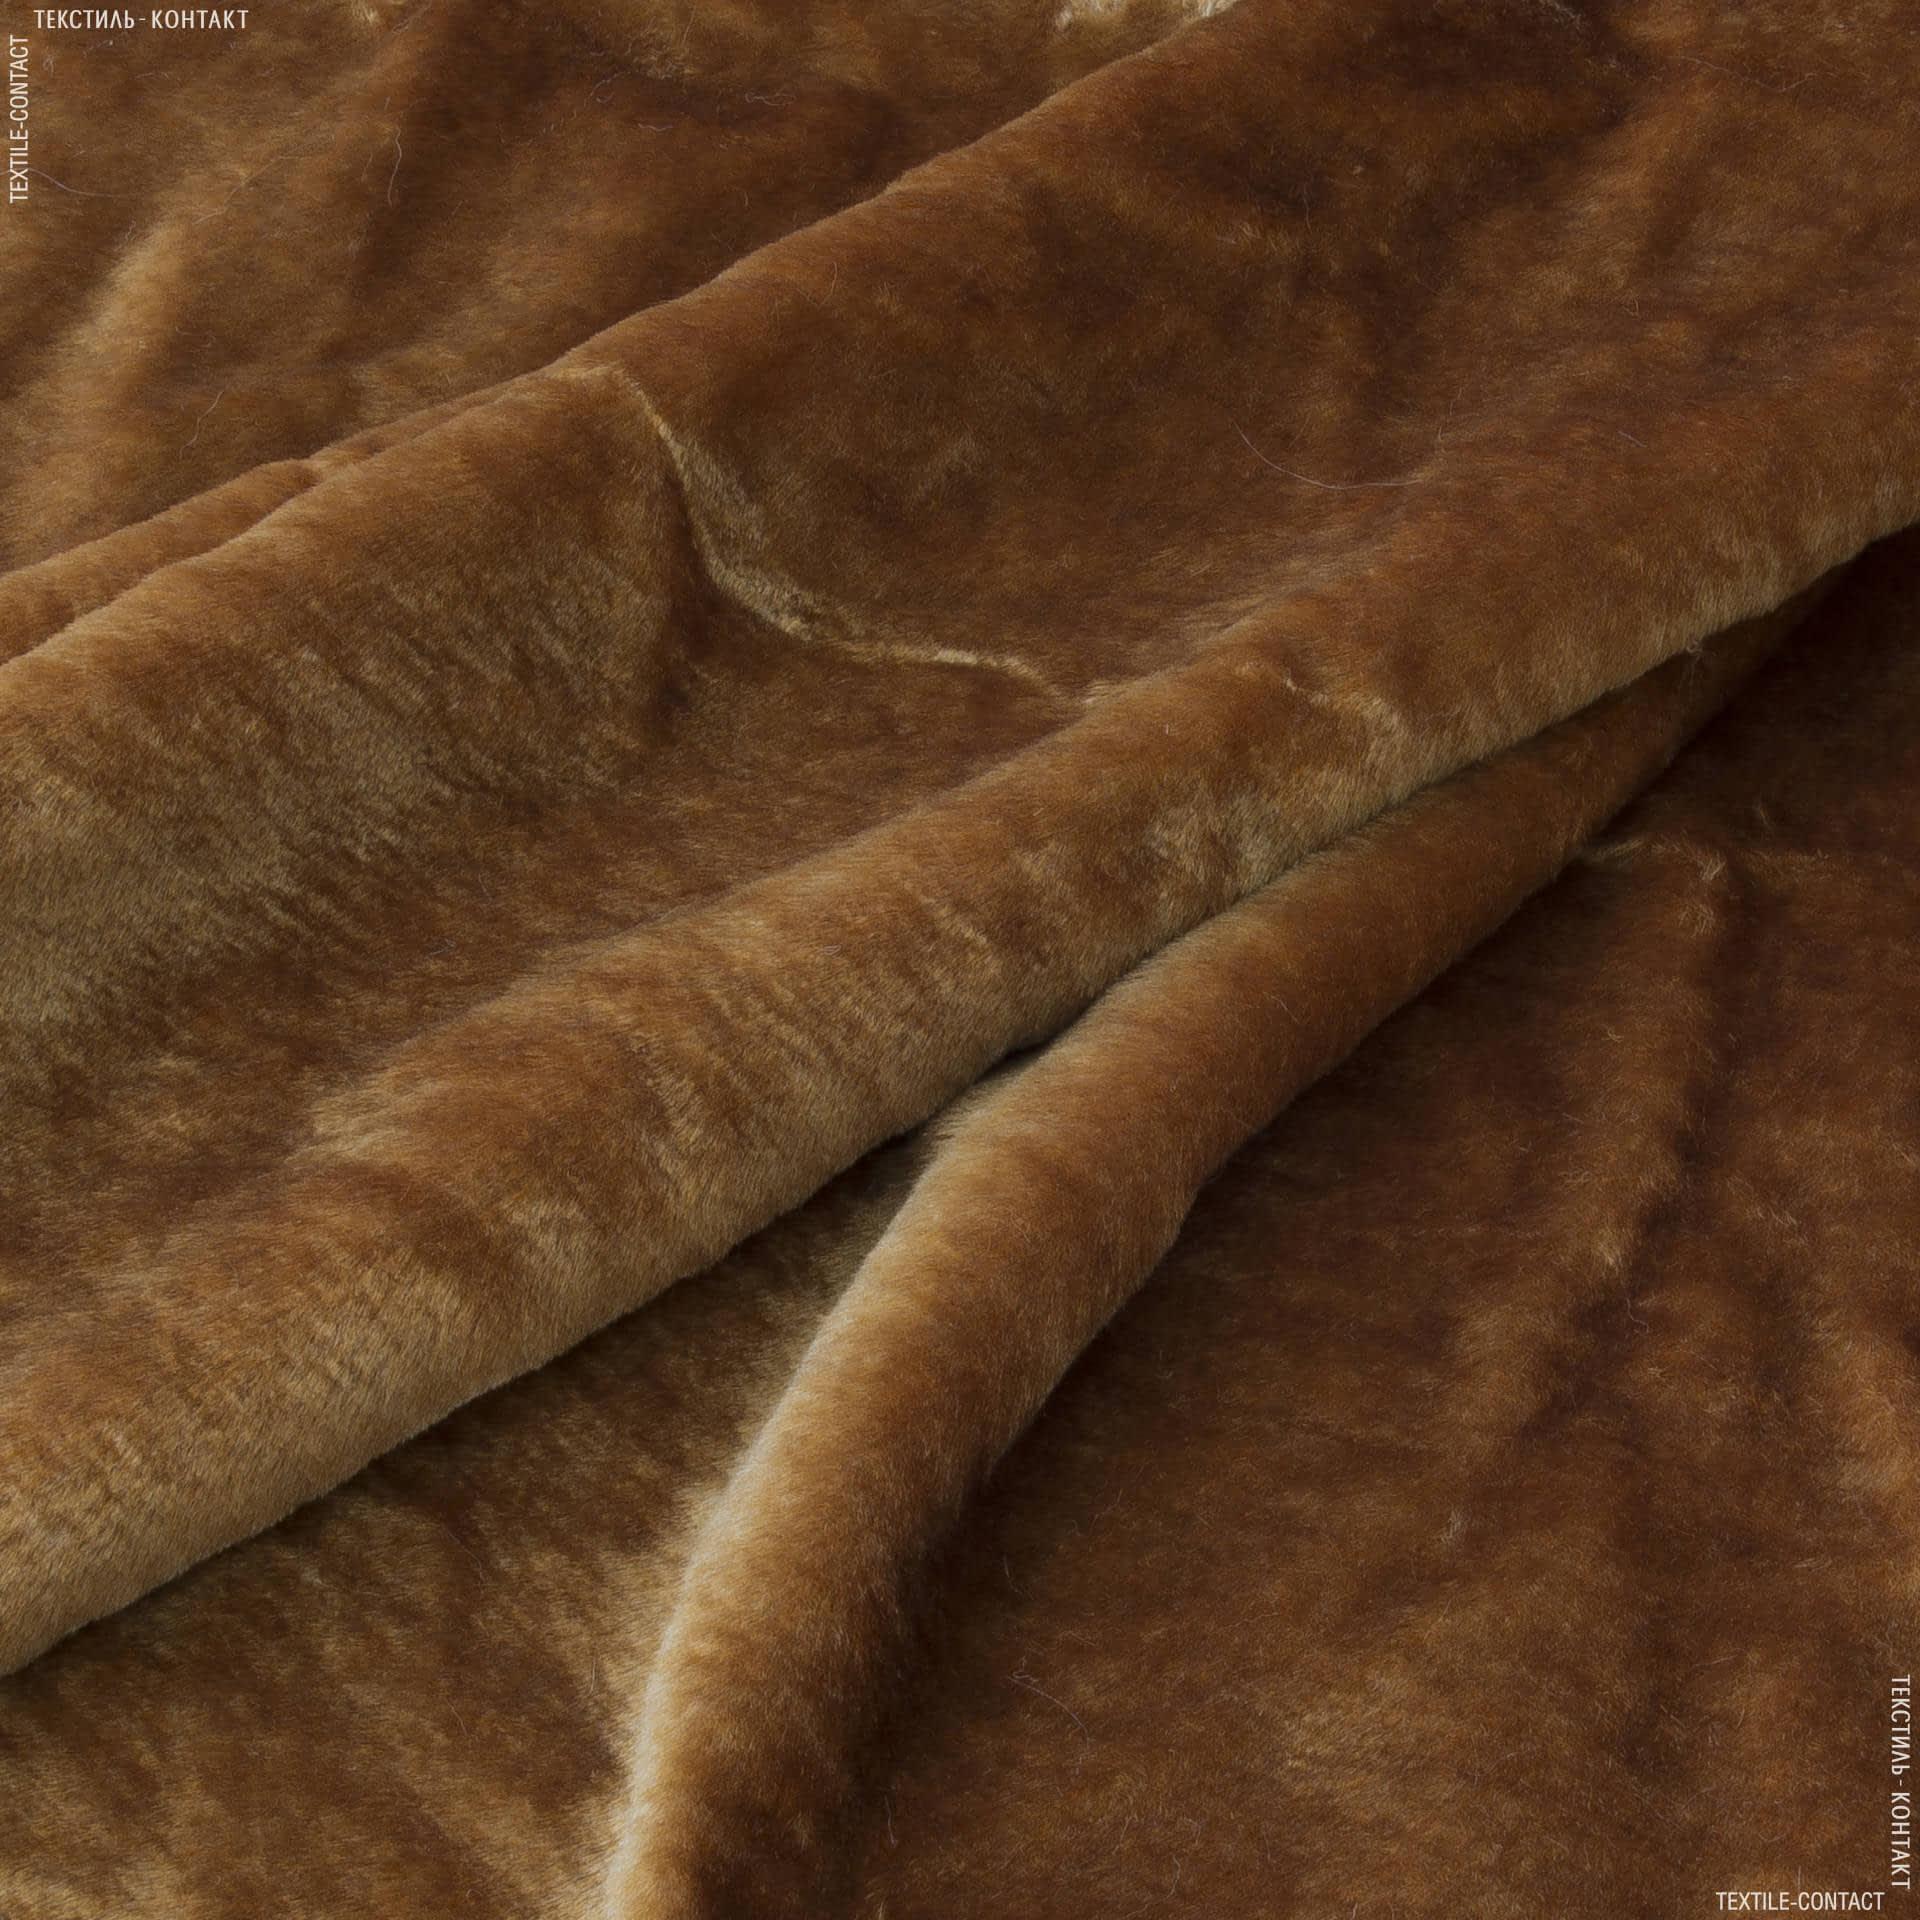 Ткани для верхней одежды - Мех коротковорсовый светло-коричневый